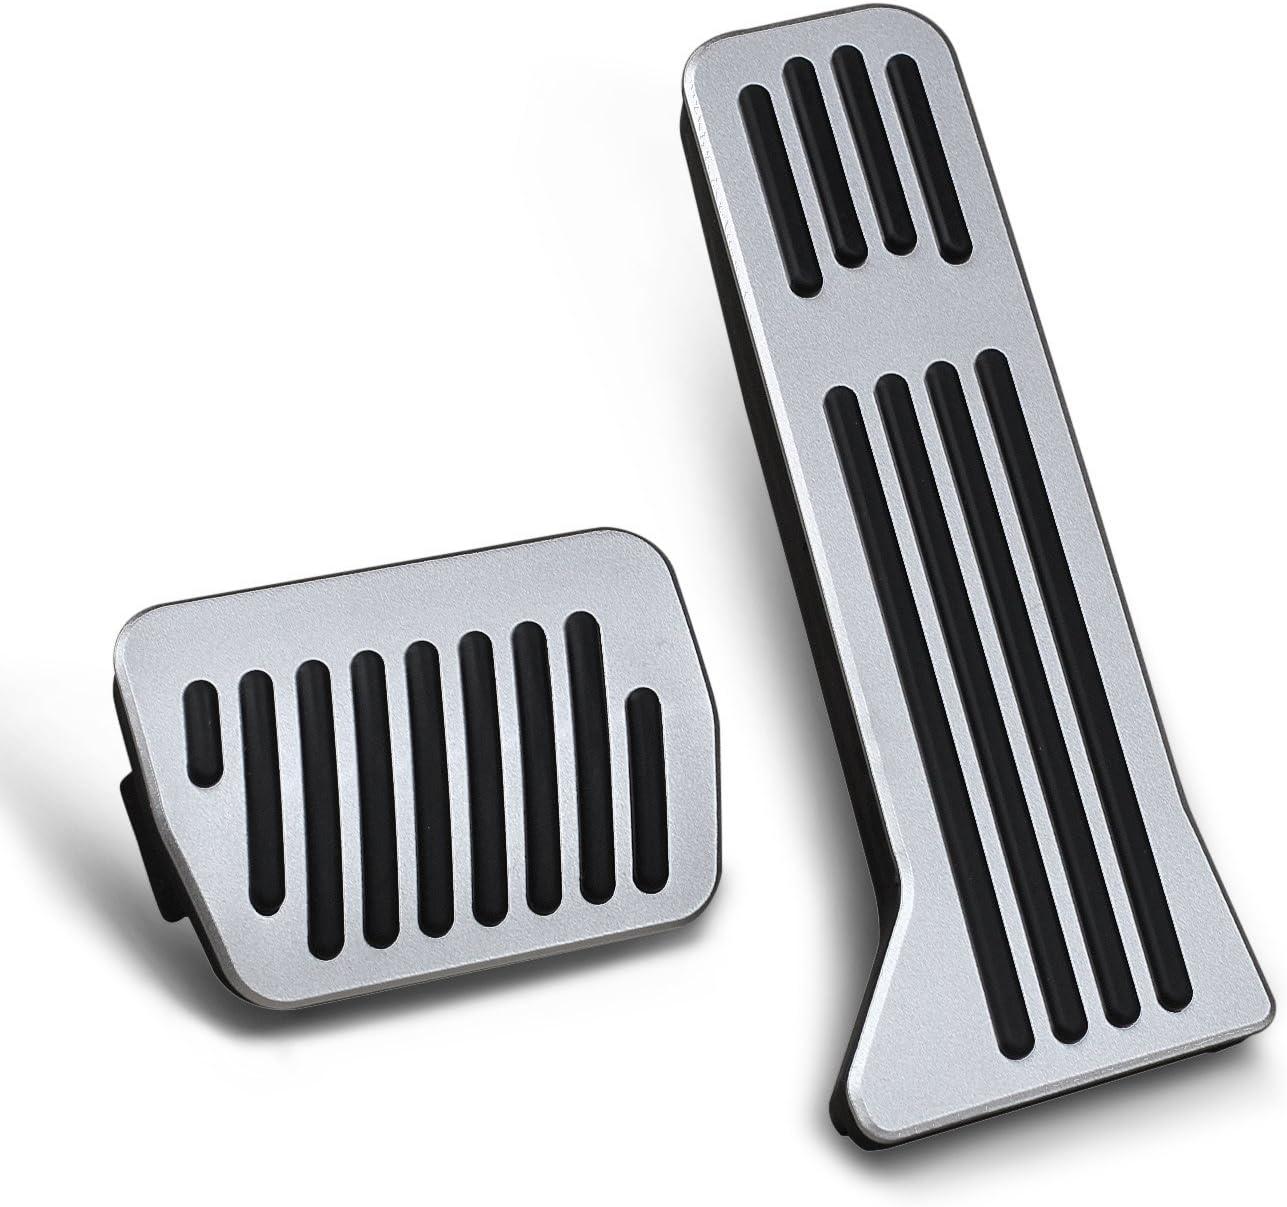 MT for 2 3 6 CX-3 CX-5 CX-9 No Drill Accelerator Brake Gas Pedals Pad Cover Cap Accessories